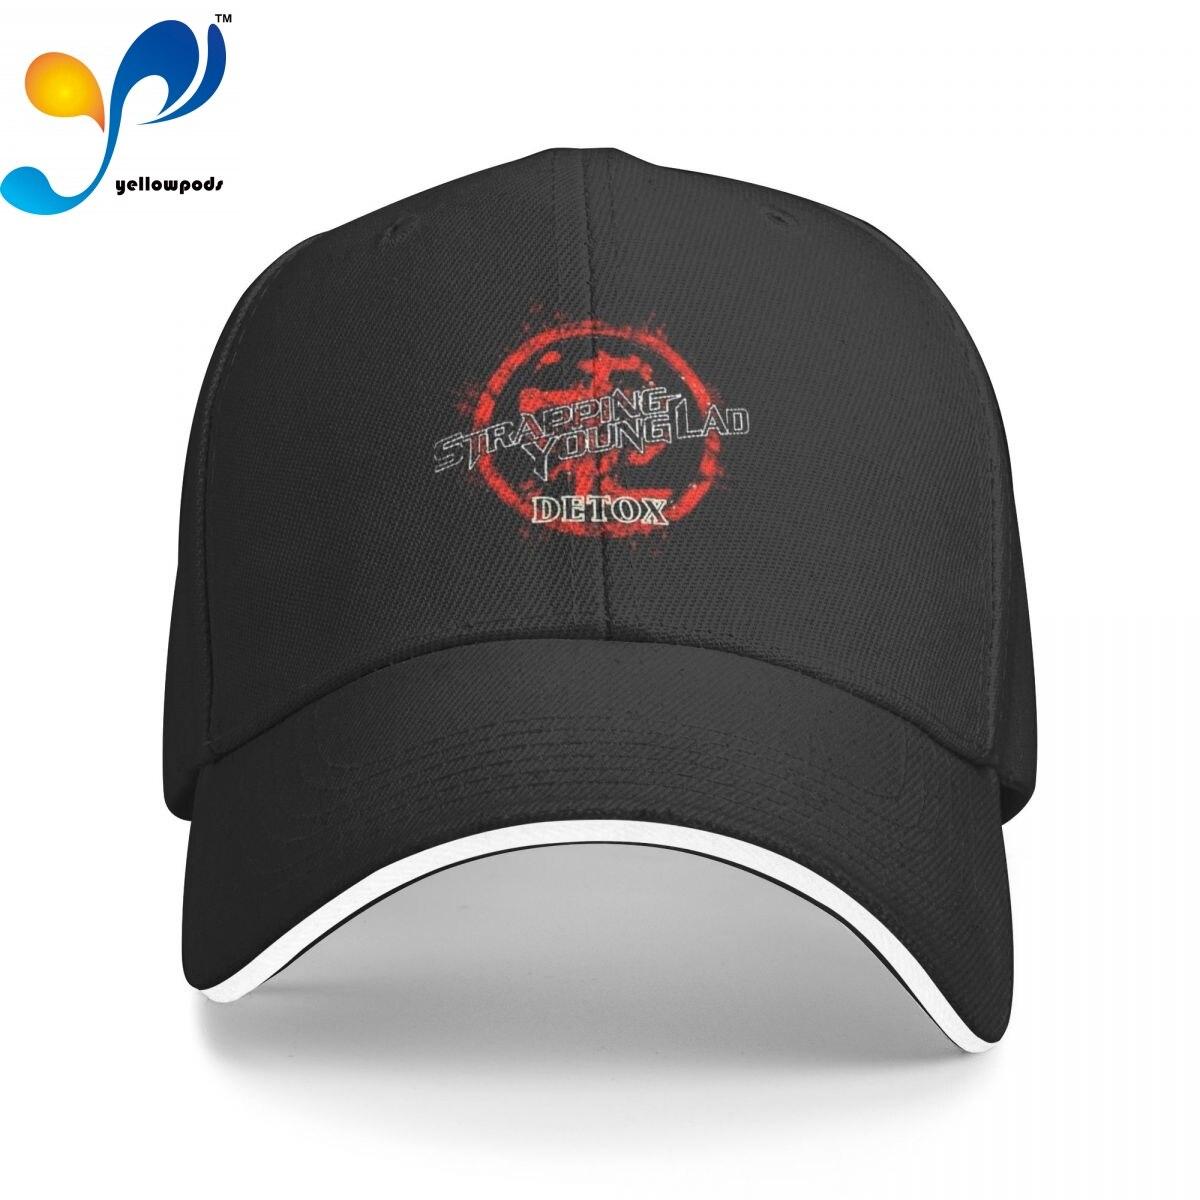 Обвязочная Кепка для молодых парней, Кепка-бейсболка для мужчин, бейсболка, мужские шапки, кепки с логотипом